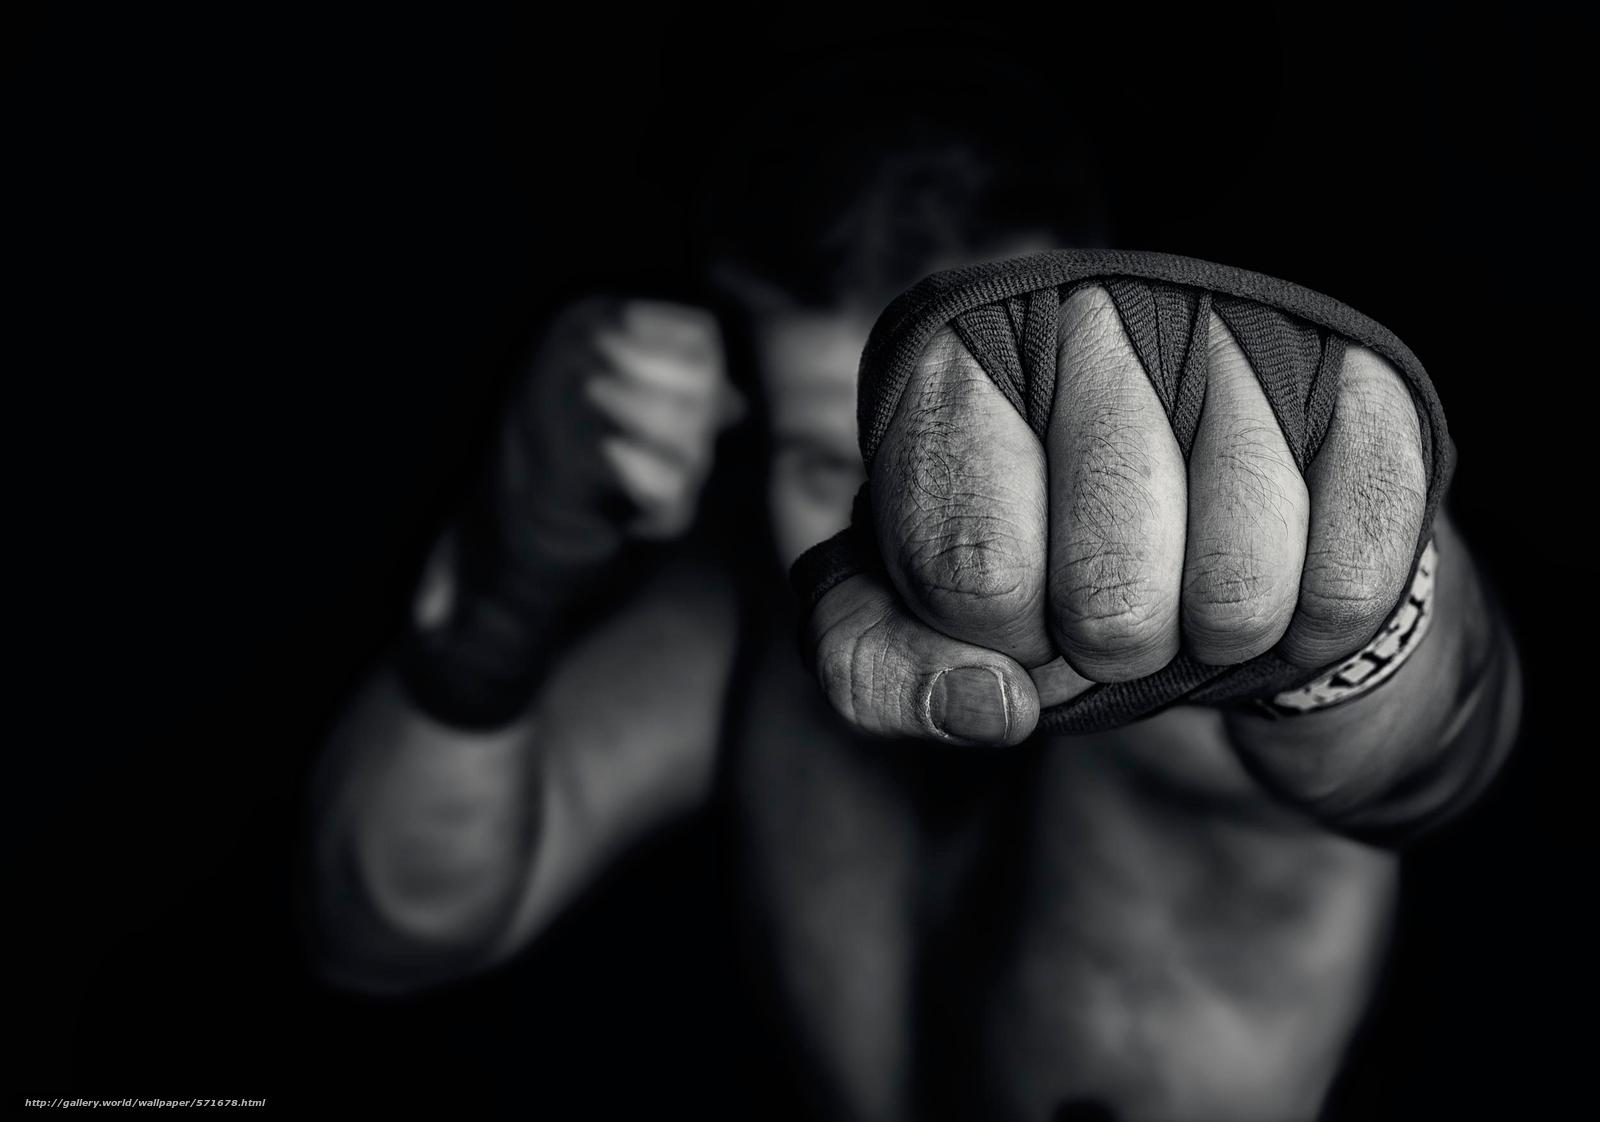 Фото как девушка покажет кулак 20 фотография